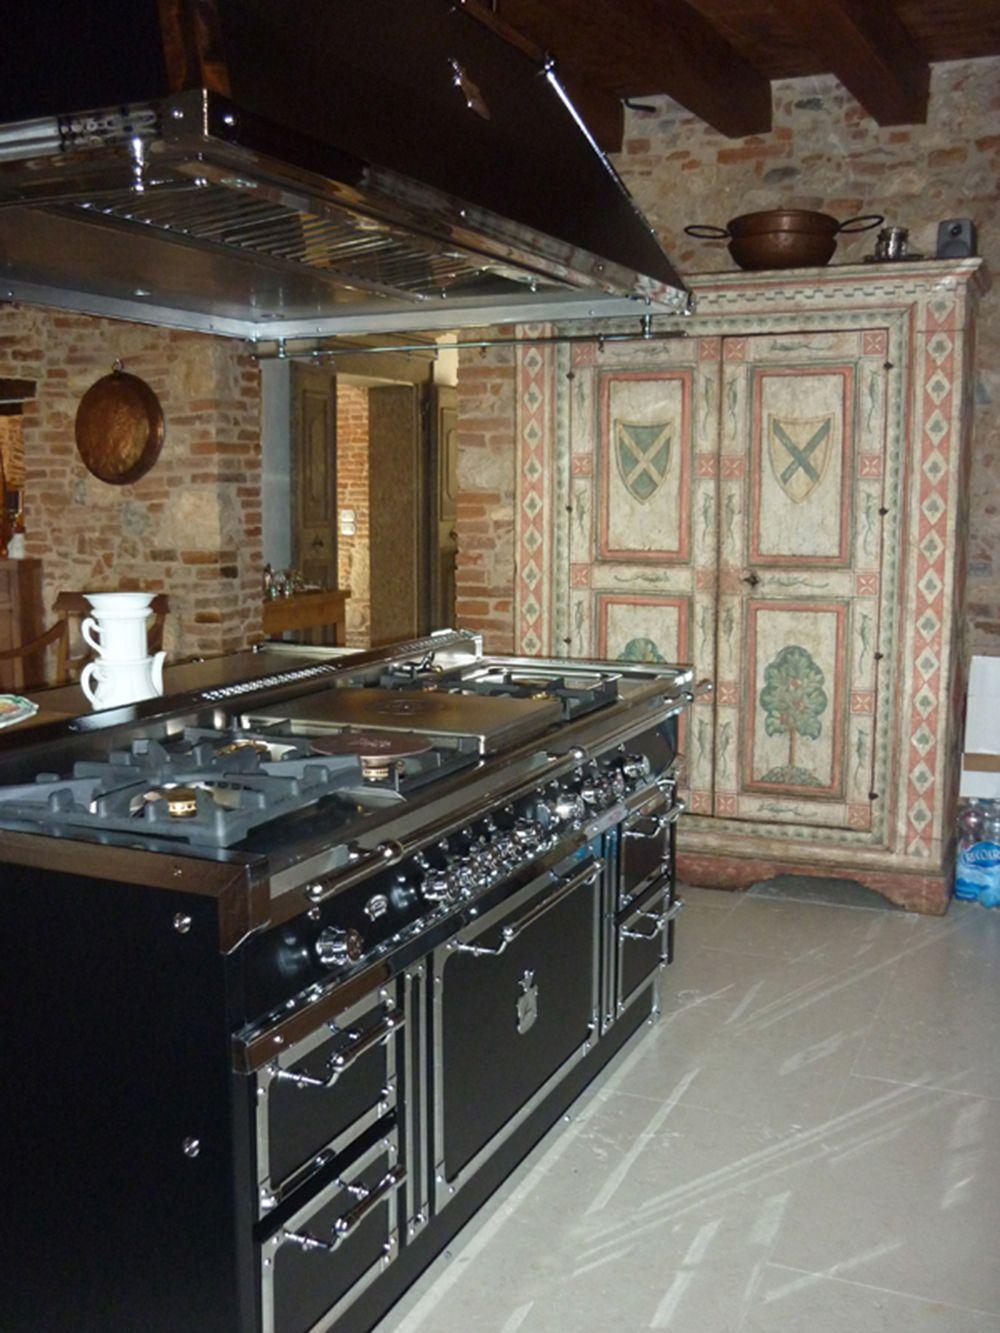 Officine Gullo Firenze Kitchen   K O K E R D E T   Pinterest ...